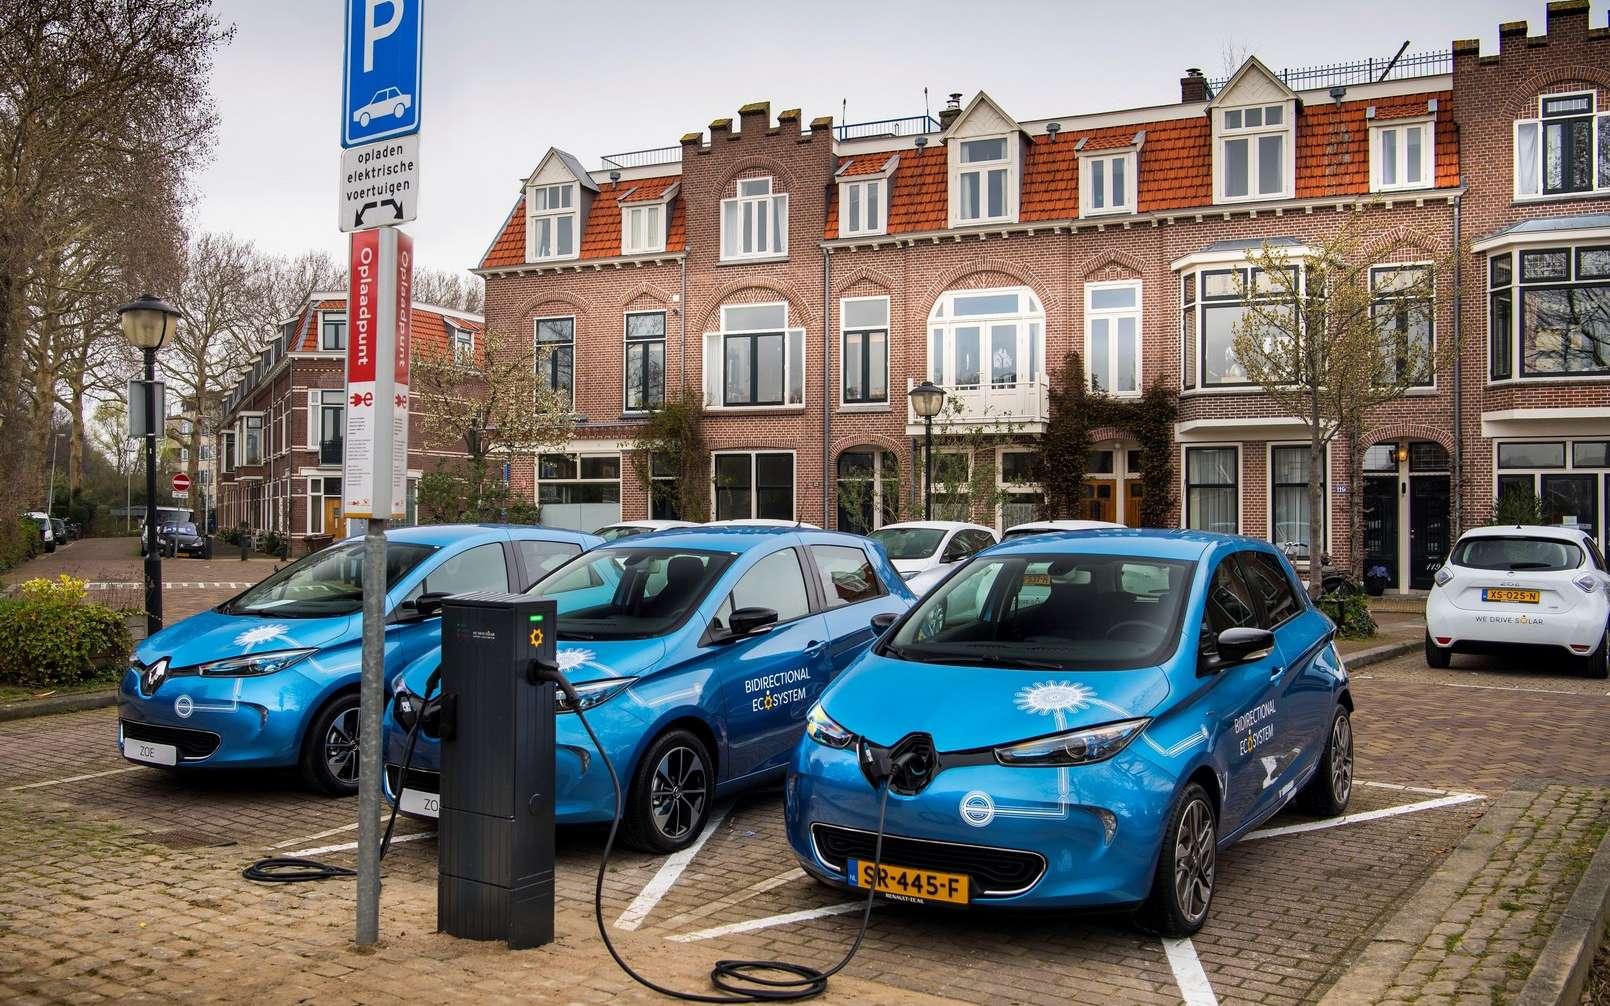 C'est une flotte de Renault Zoe qui participe à ce premier test de charge réversible aux Pays-Bas. © VanDerVaartfotografie